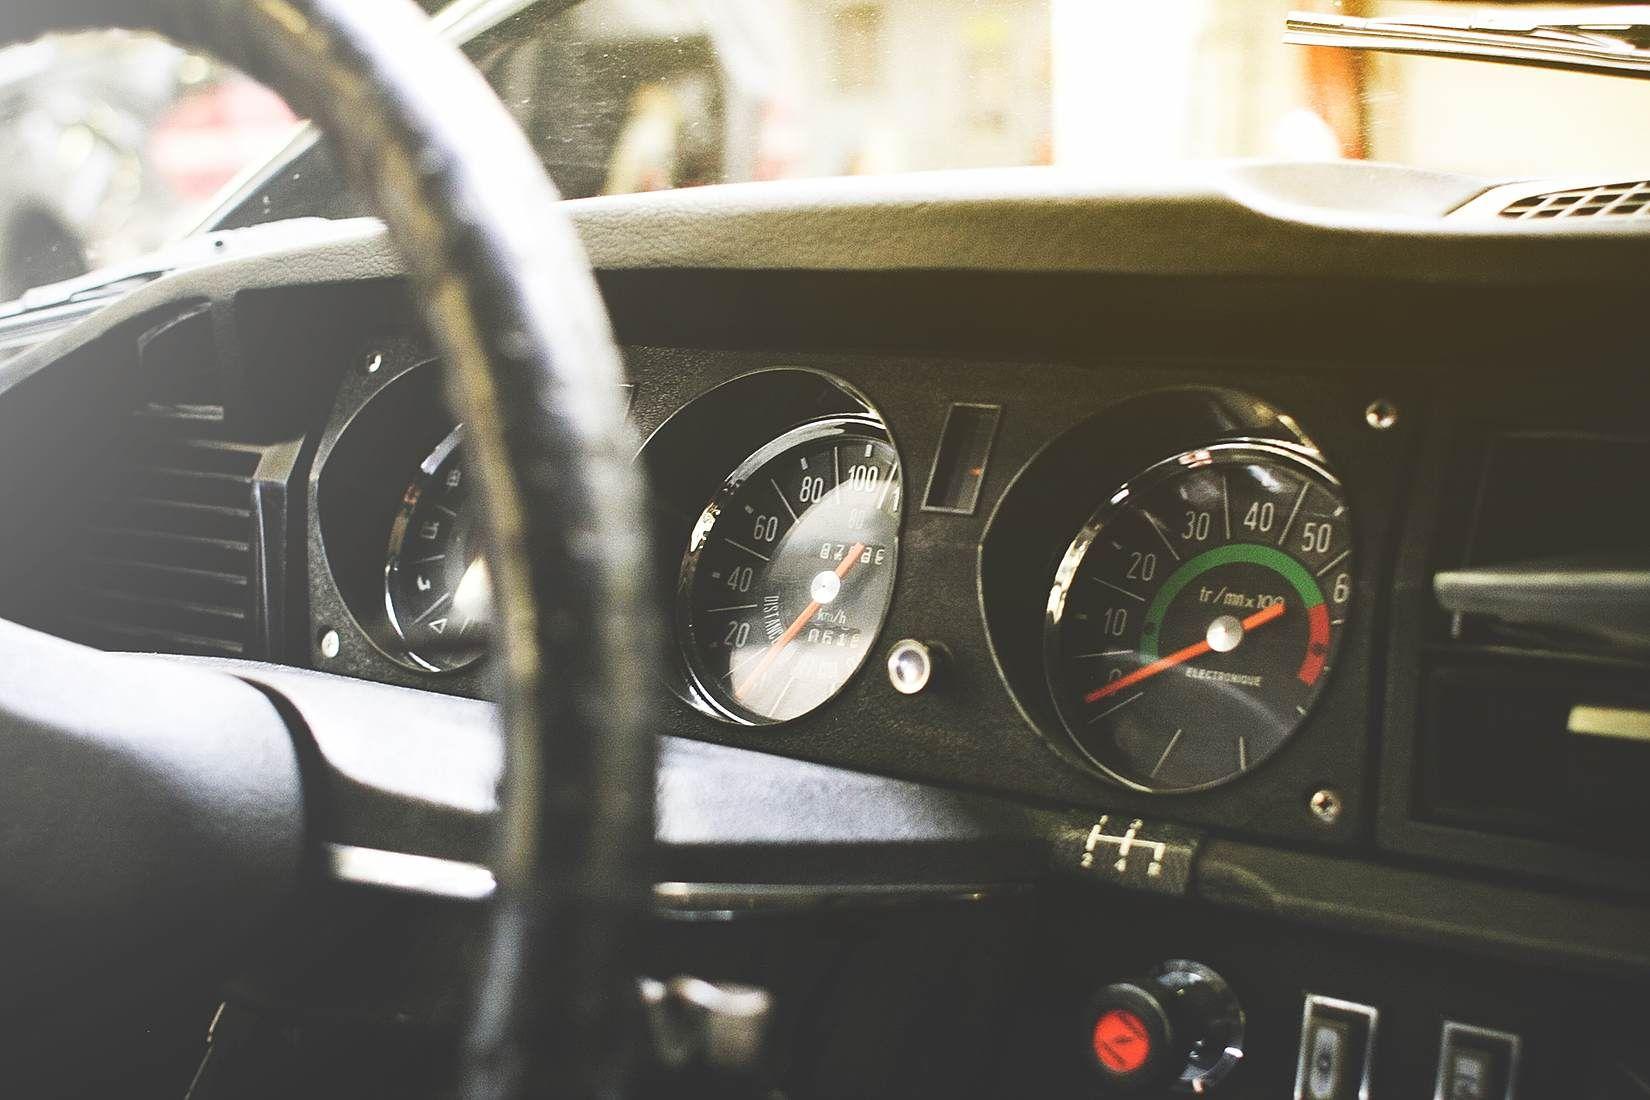 Old veteran Car Dashboard Free Image Download Veteran